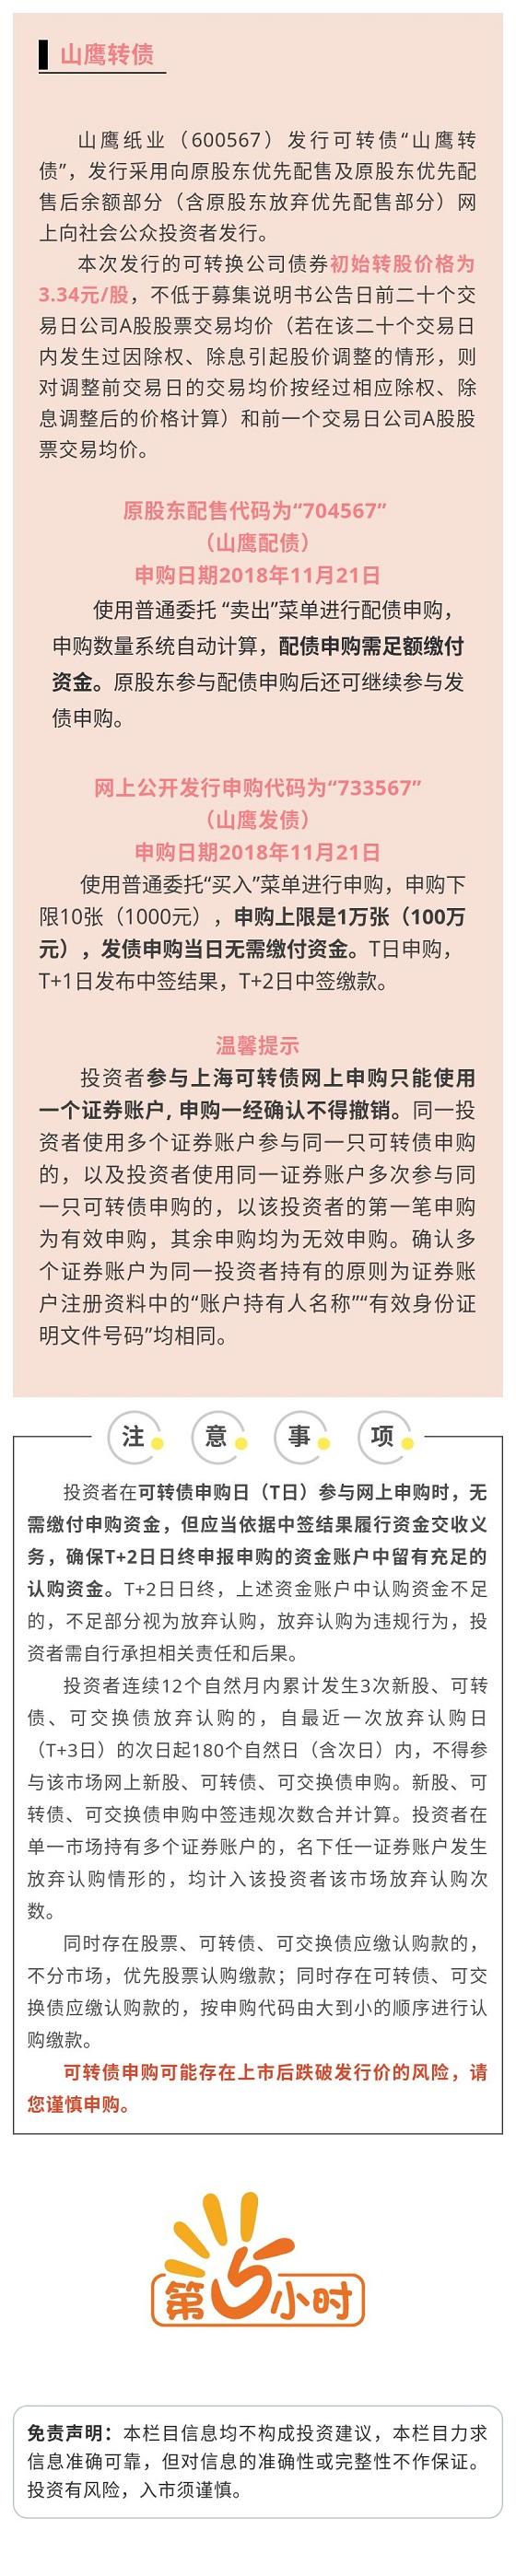 【新债申购】山鹰纸业(600567)公开发行可转换公司债.jpg